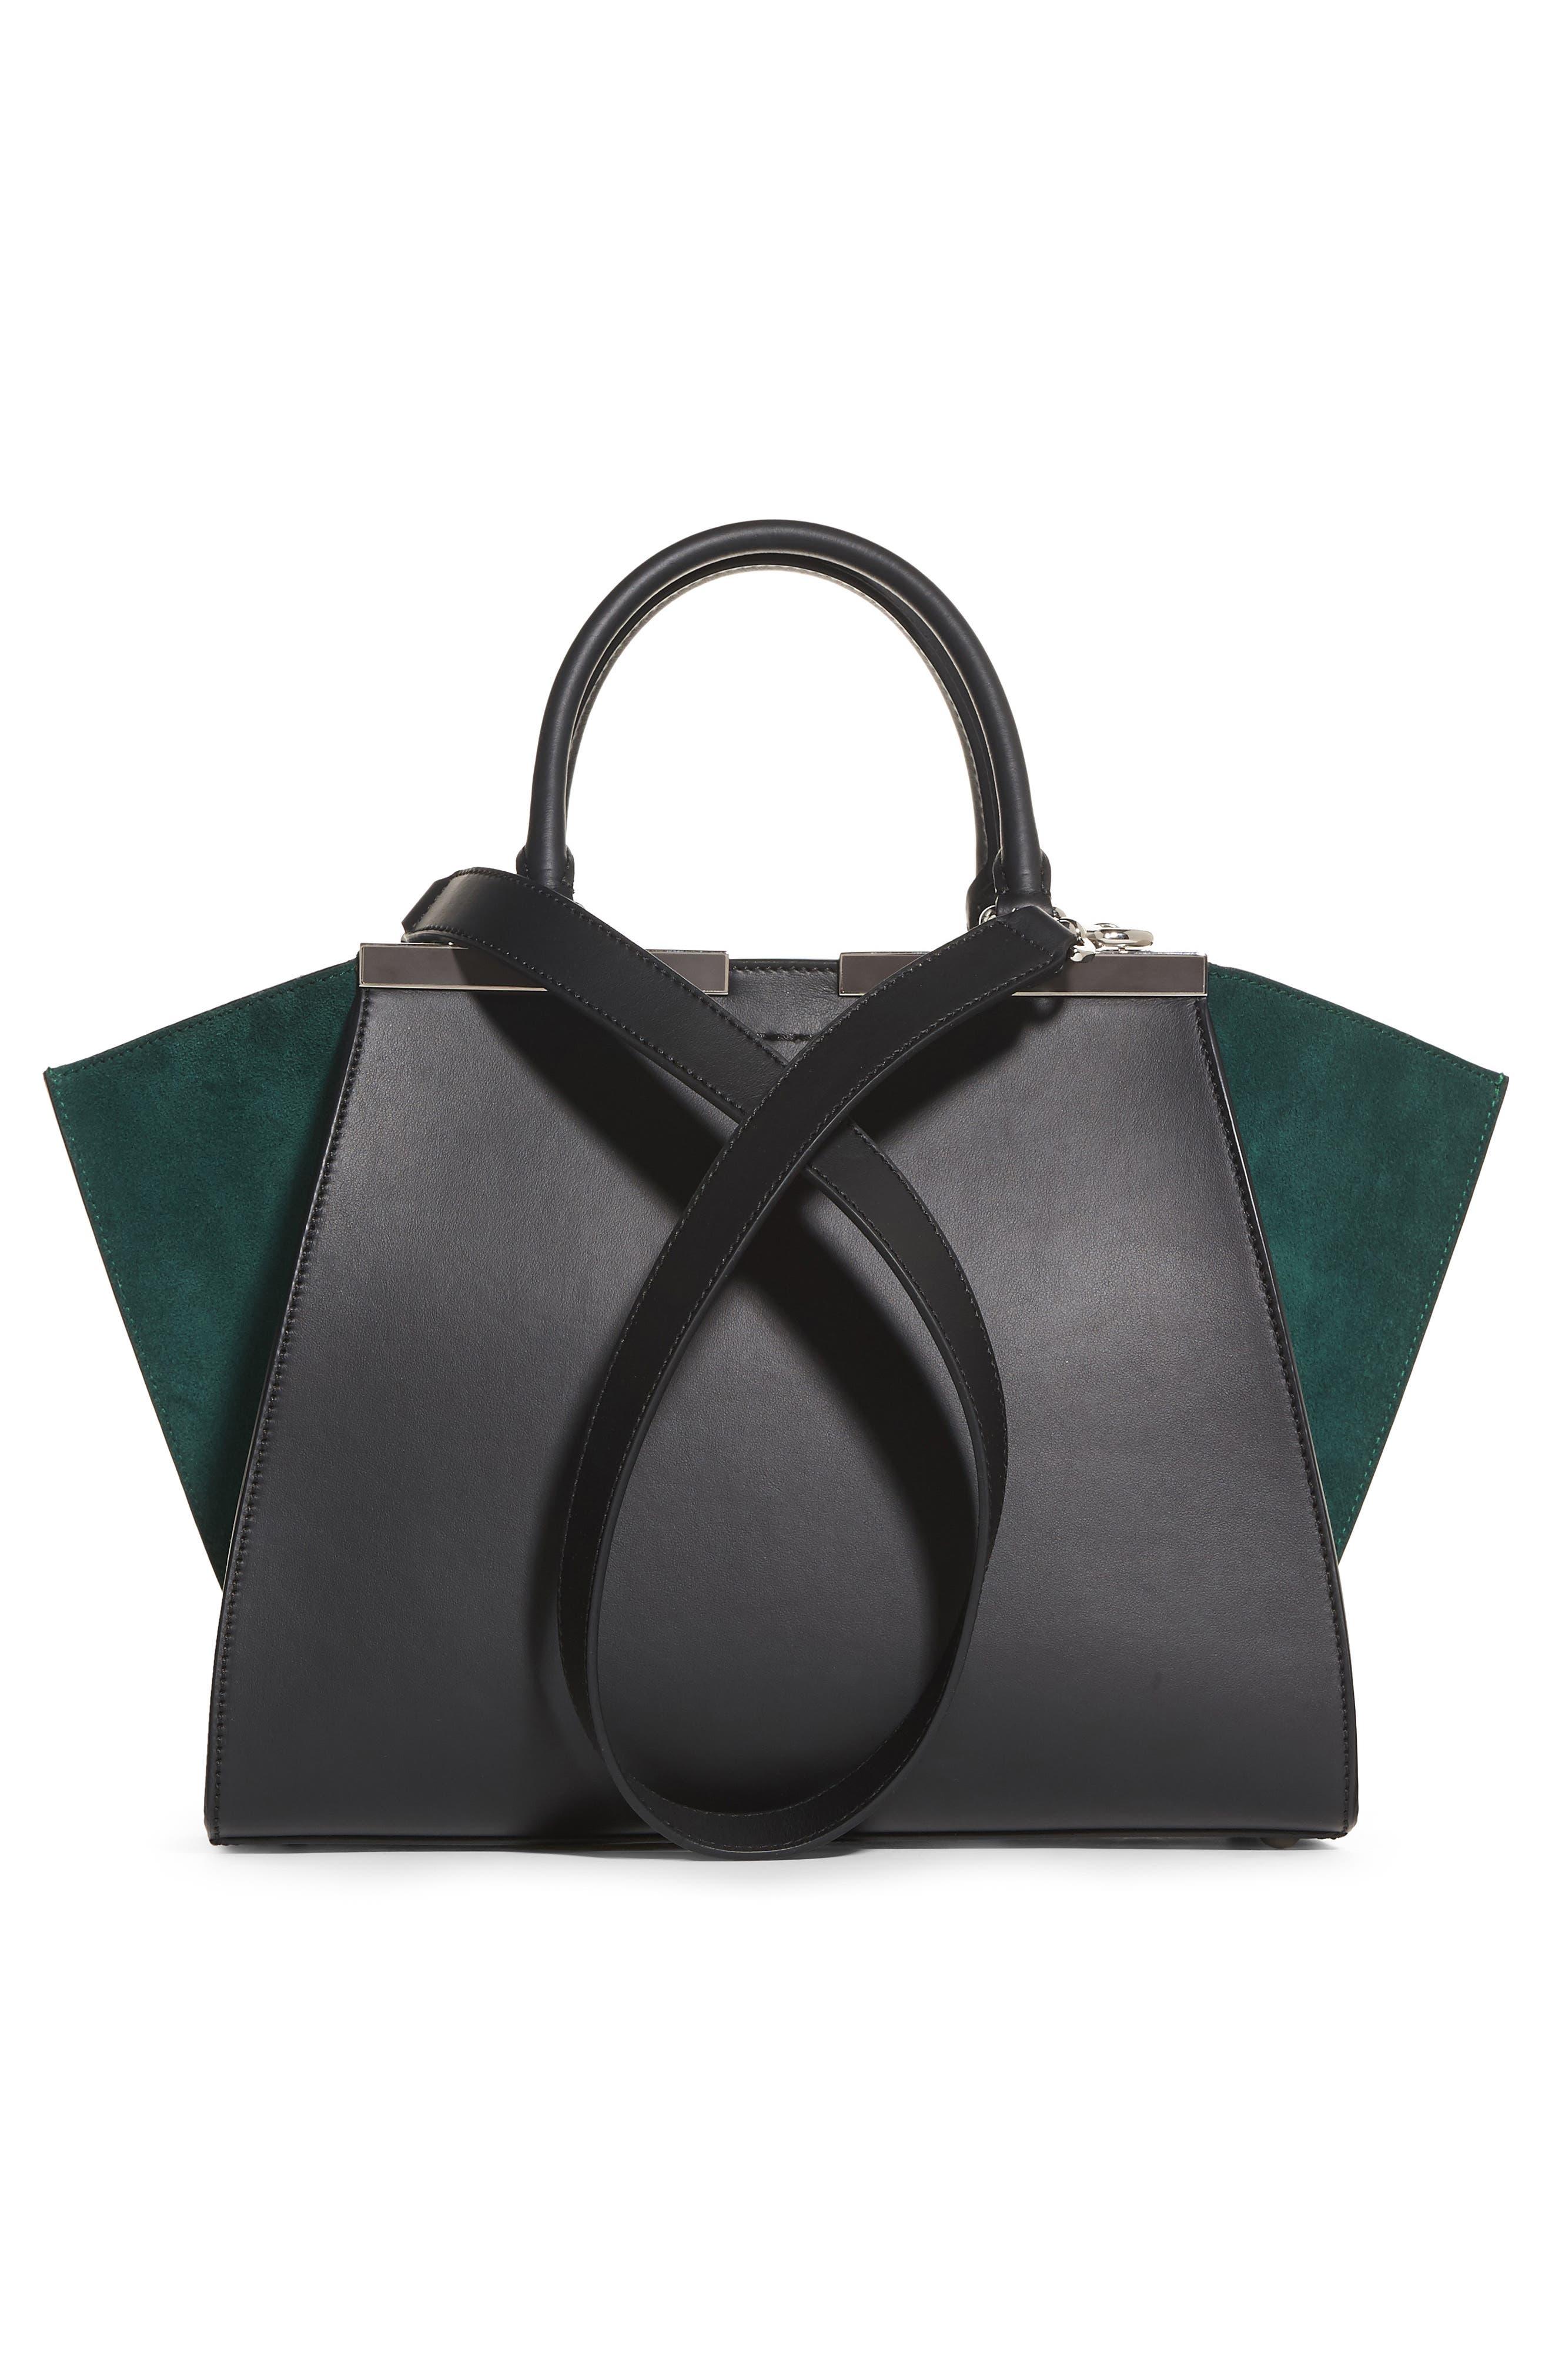 3Jours Baltico Leather & Suede Shopper,                             Alternate thumbnail 6, color,